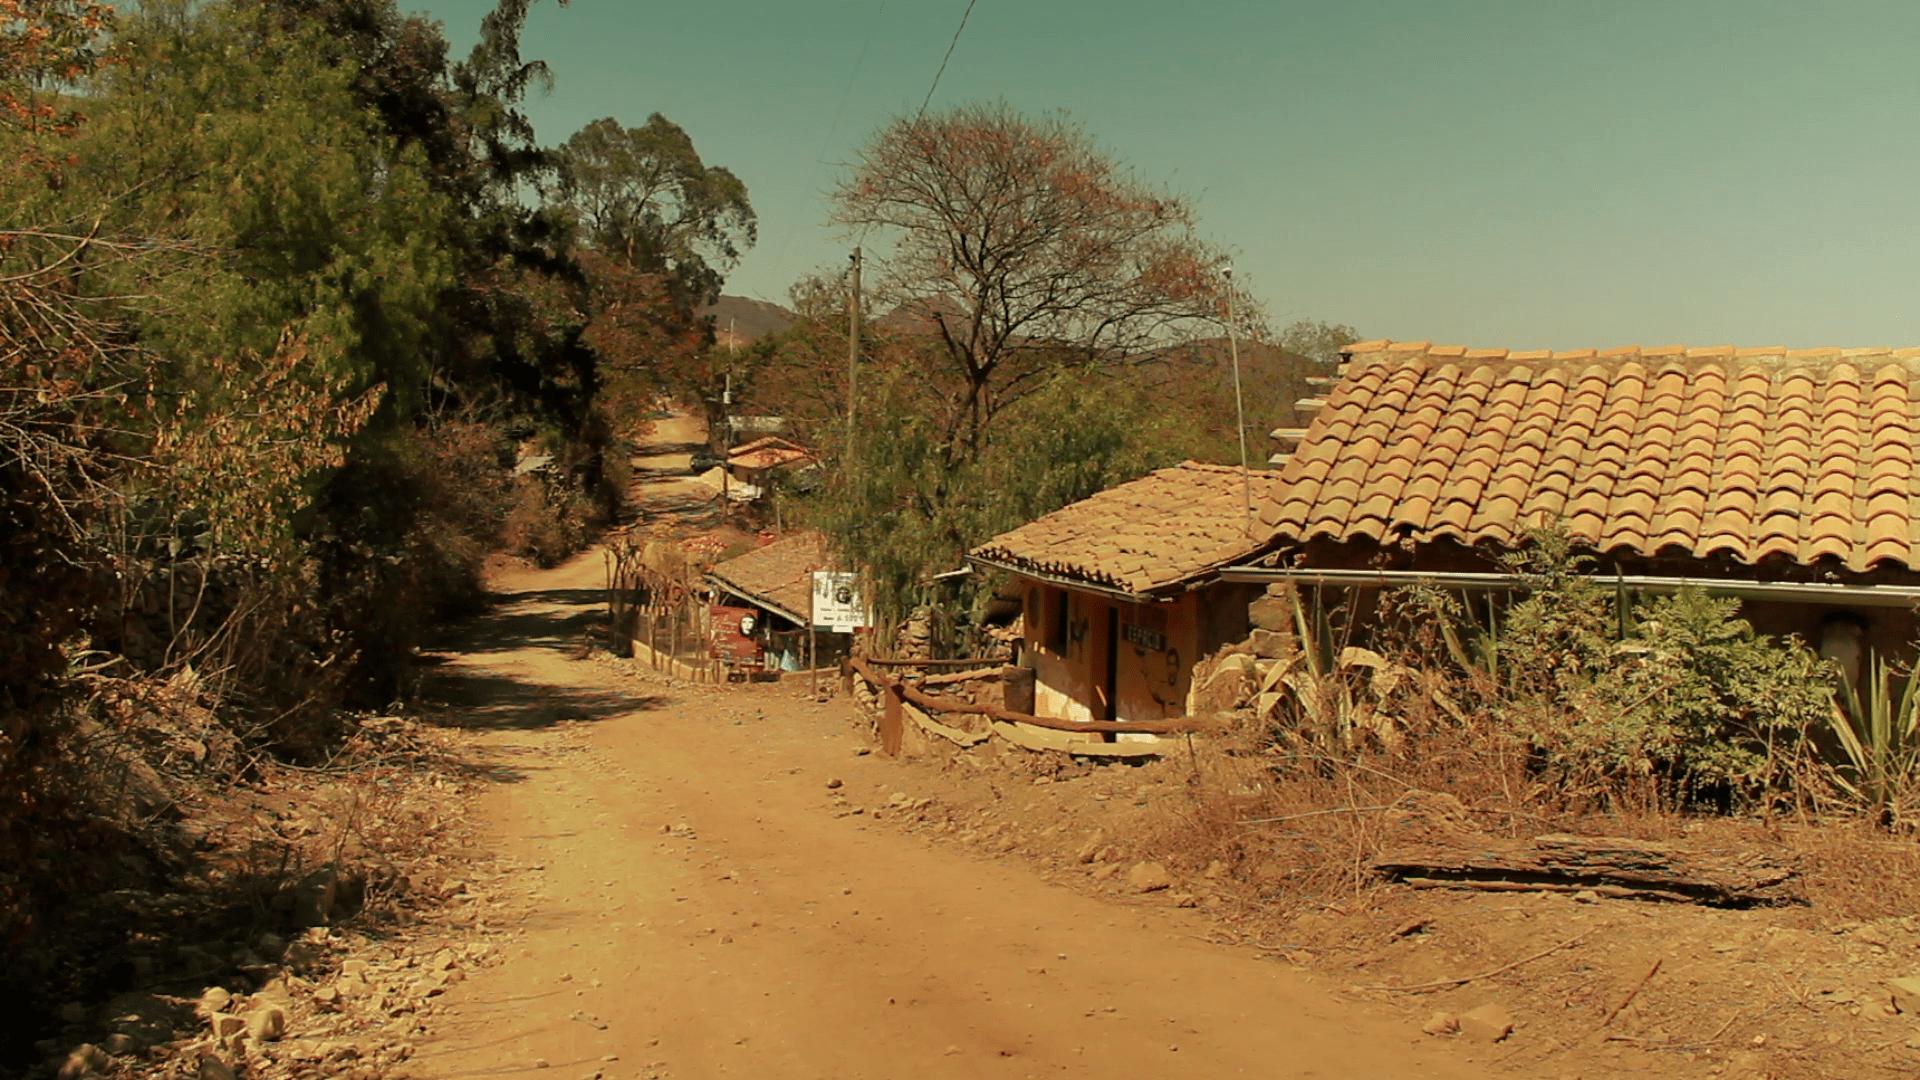 la higuera ruta che pablocaminante - Ruta del Che 2/2, La Higuera